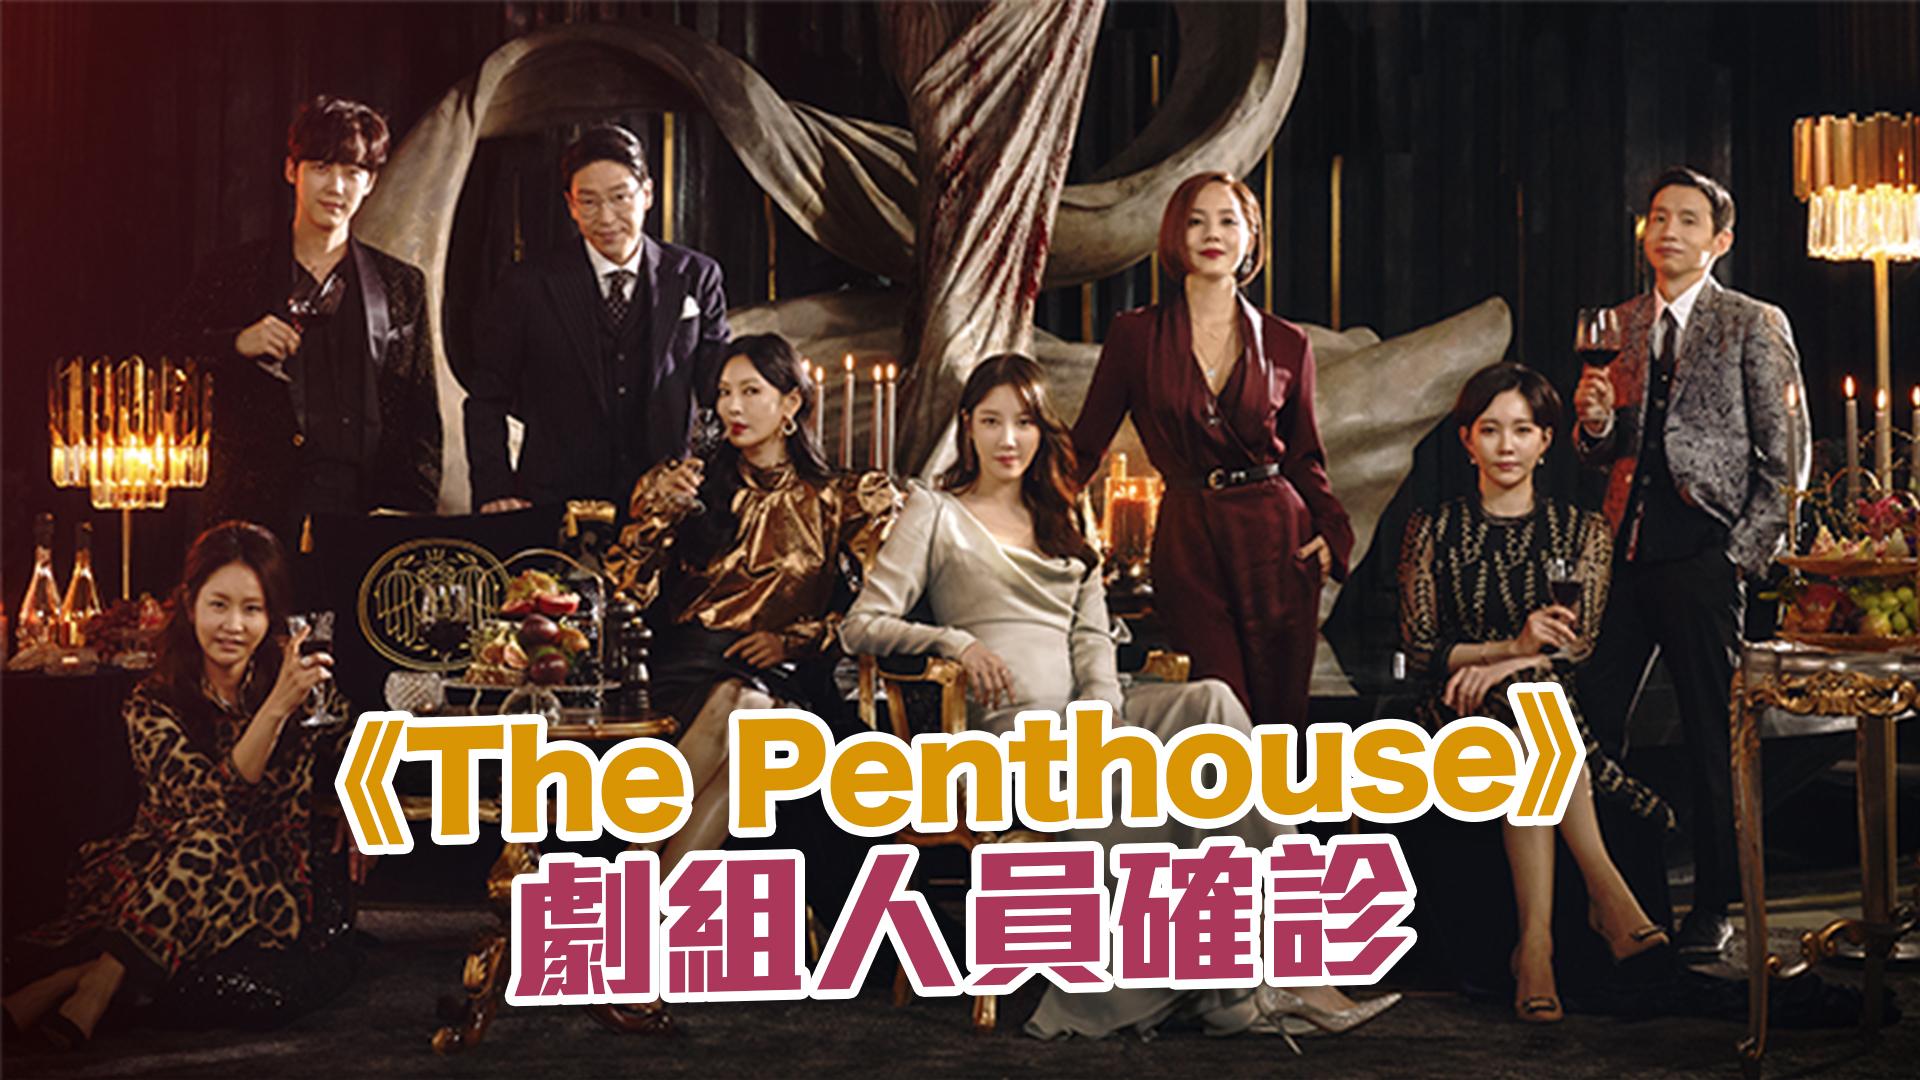 《The Penthouse》開拍第二季 劇組人員確診演員需隔離